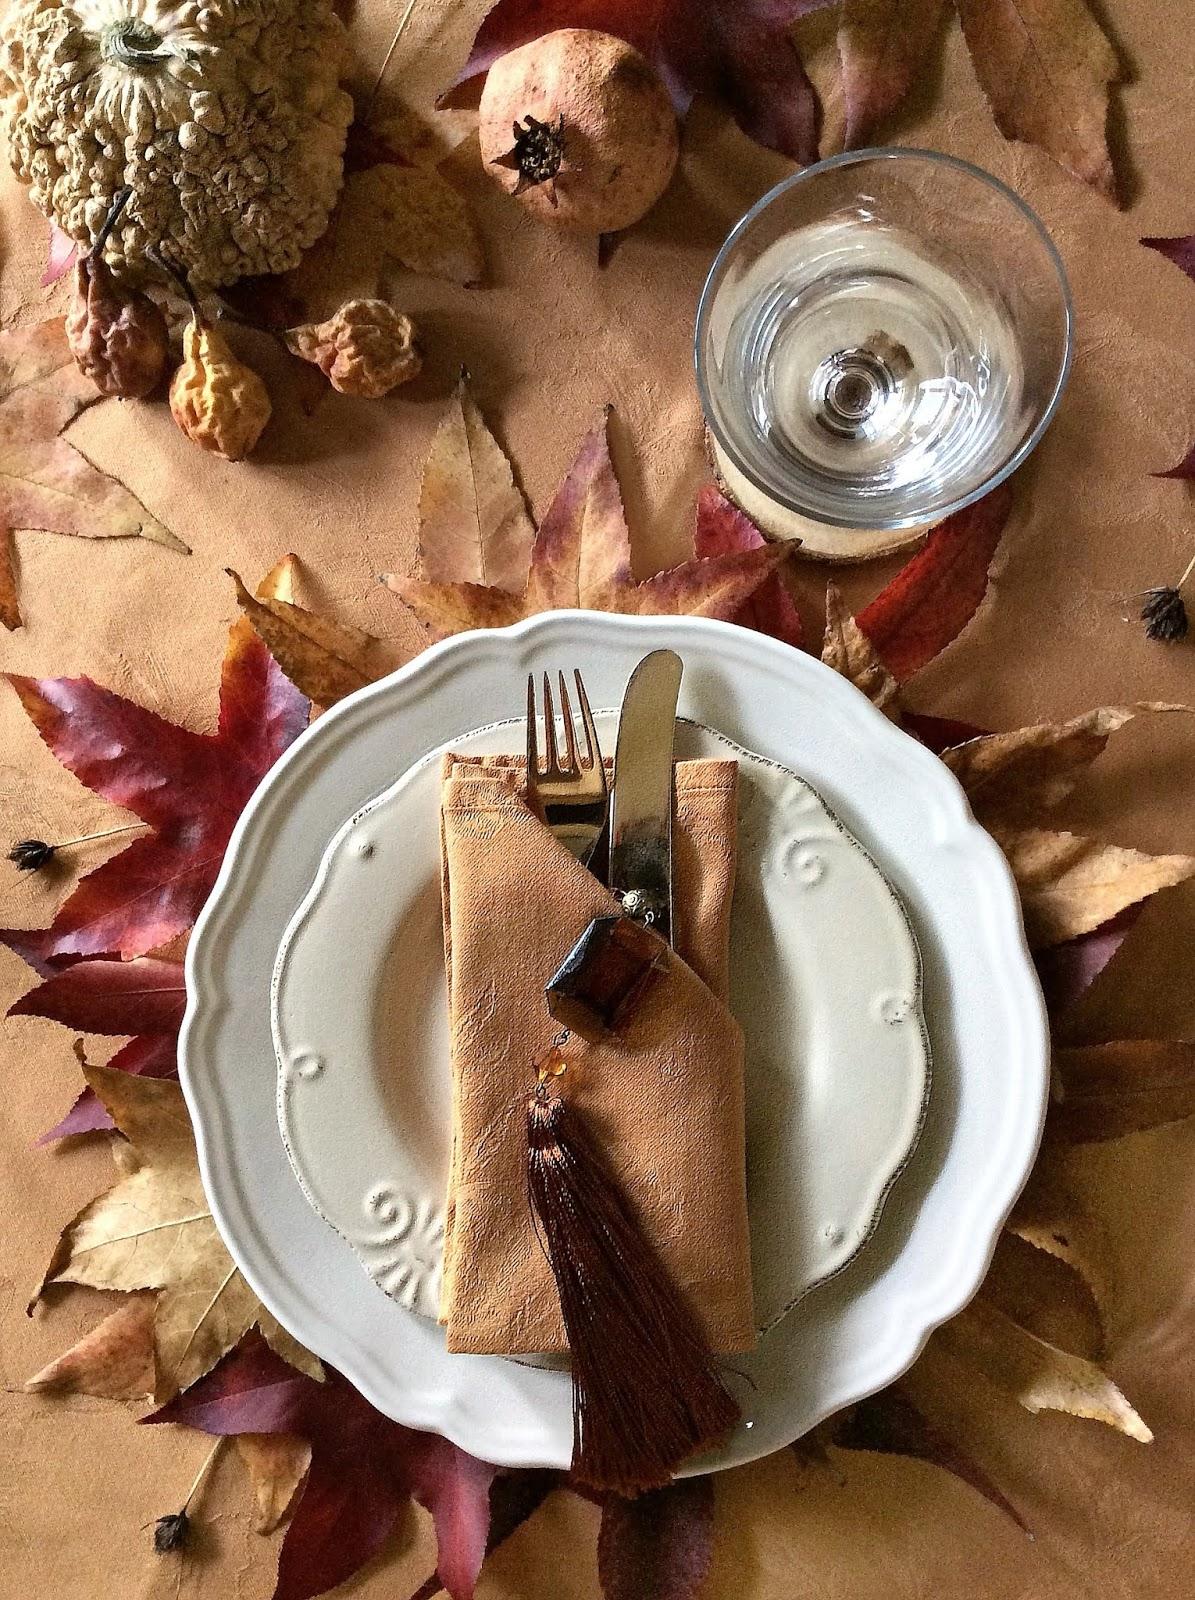 come apparecchiare una tavola autunnale con le foglie